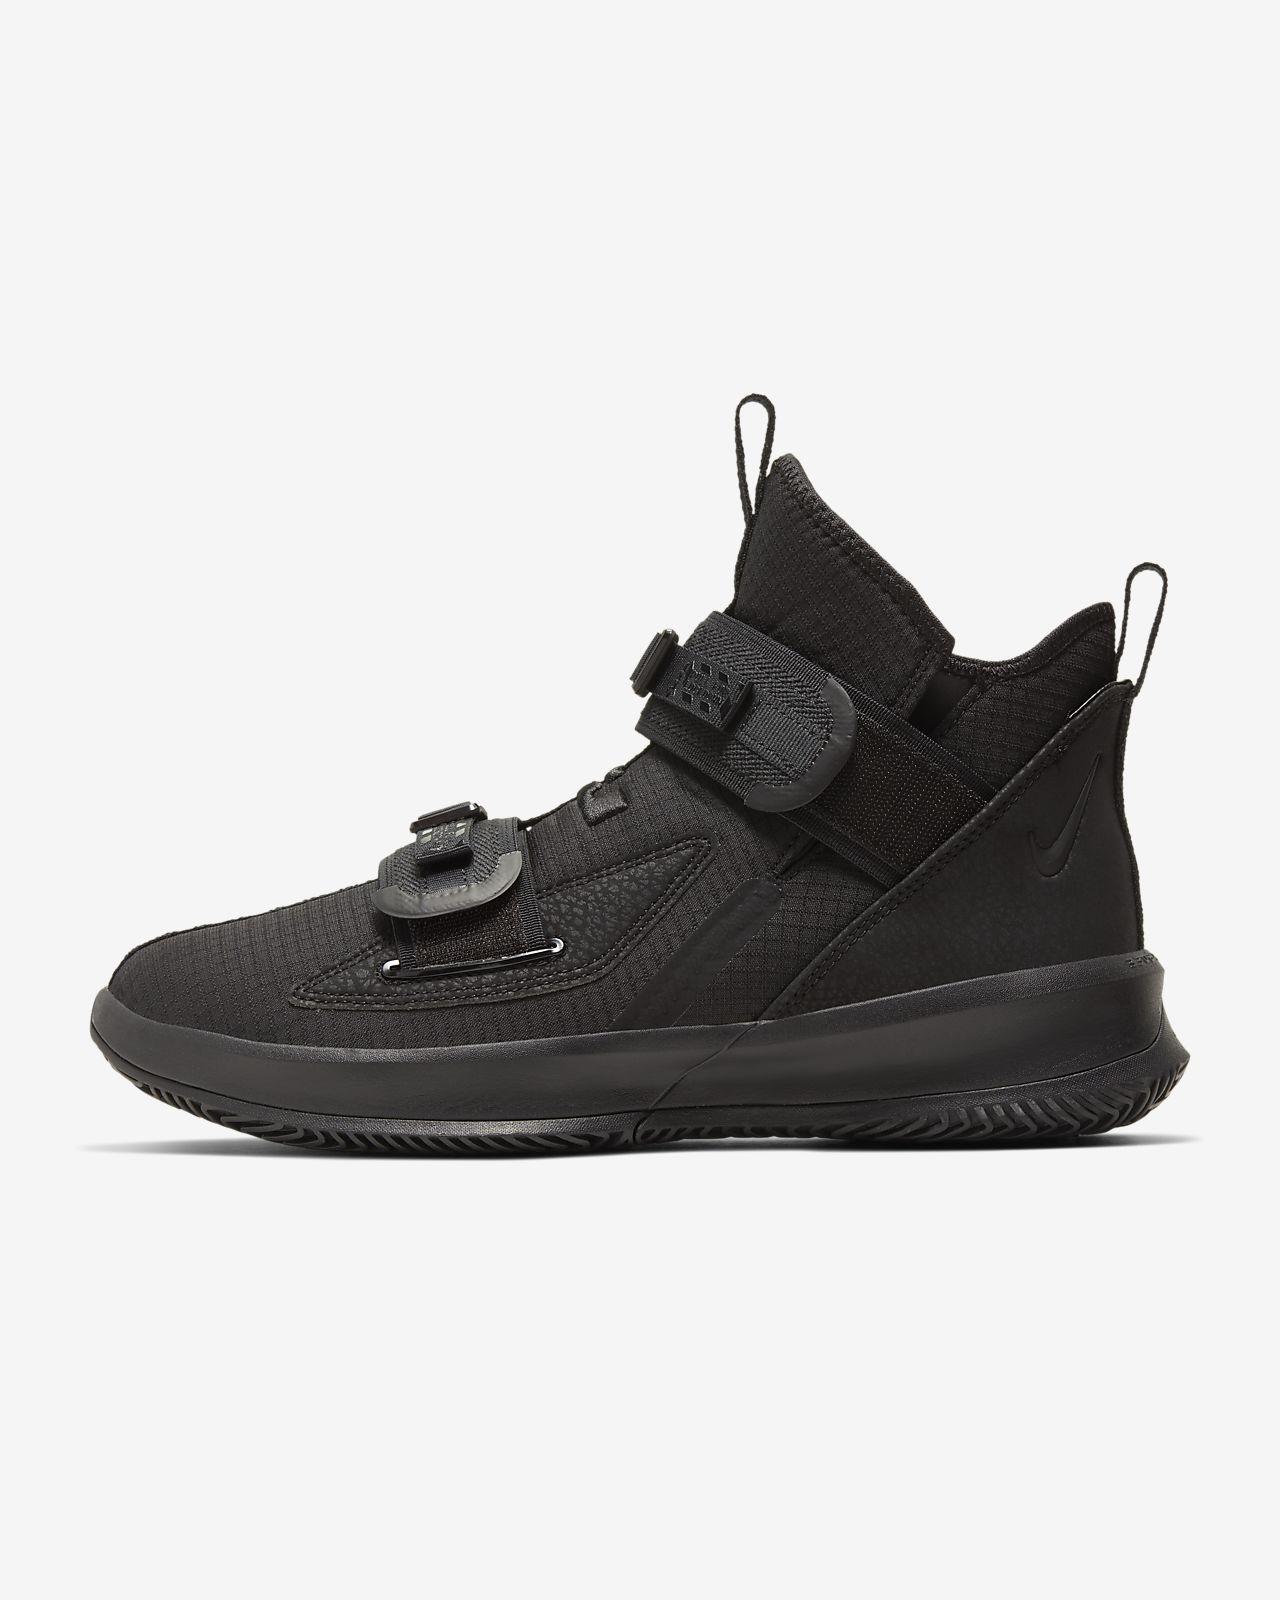 Best Of: Nike Basketballschuhe